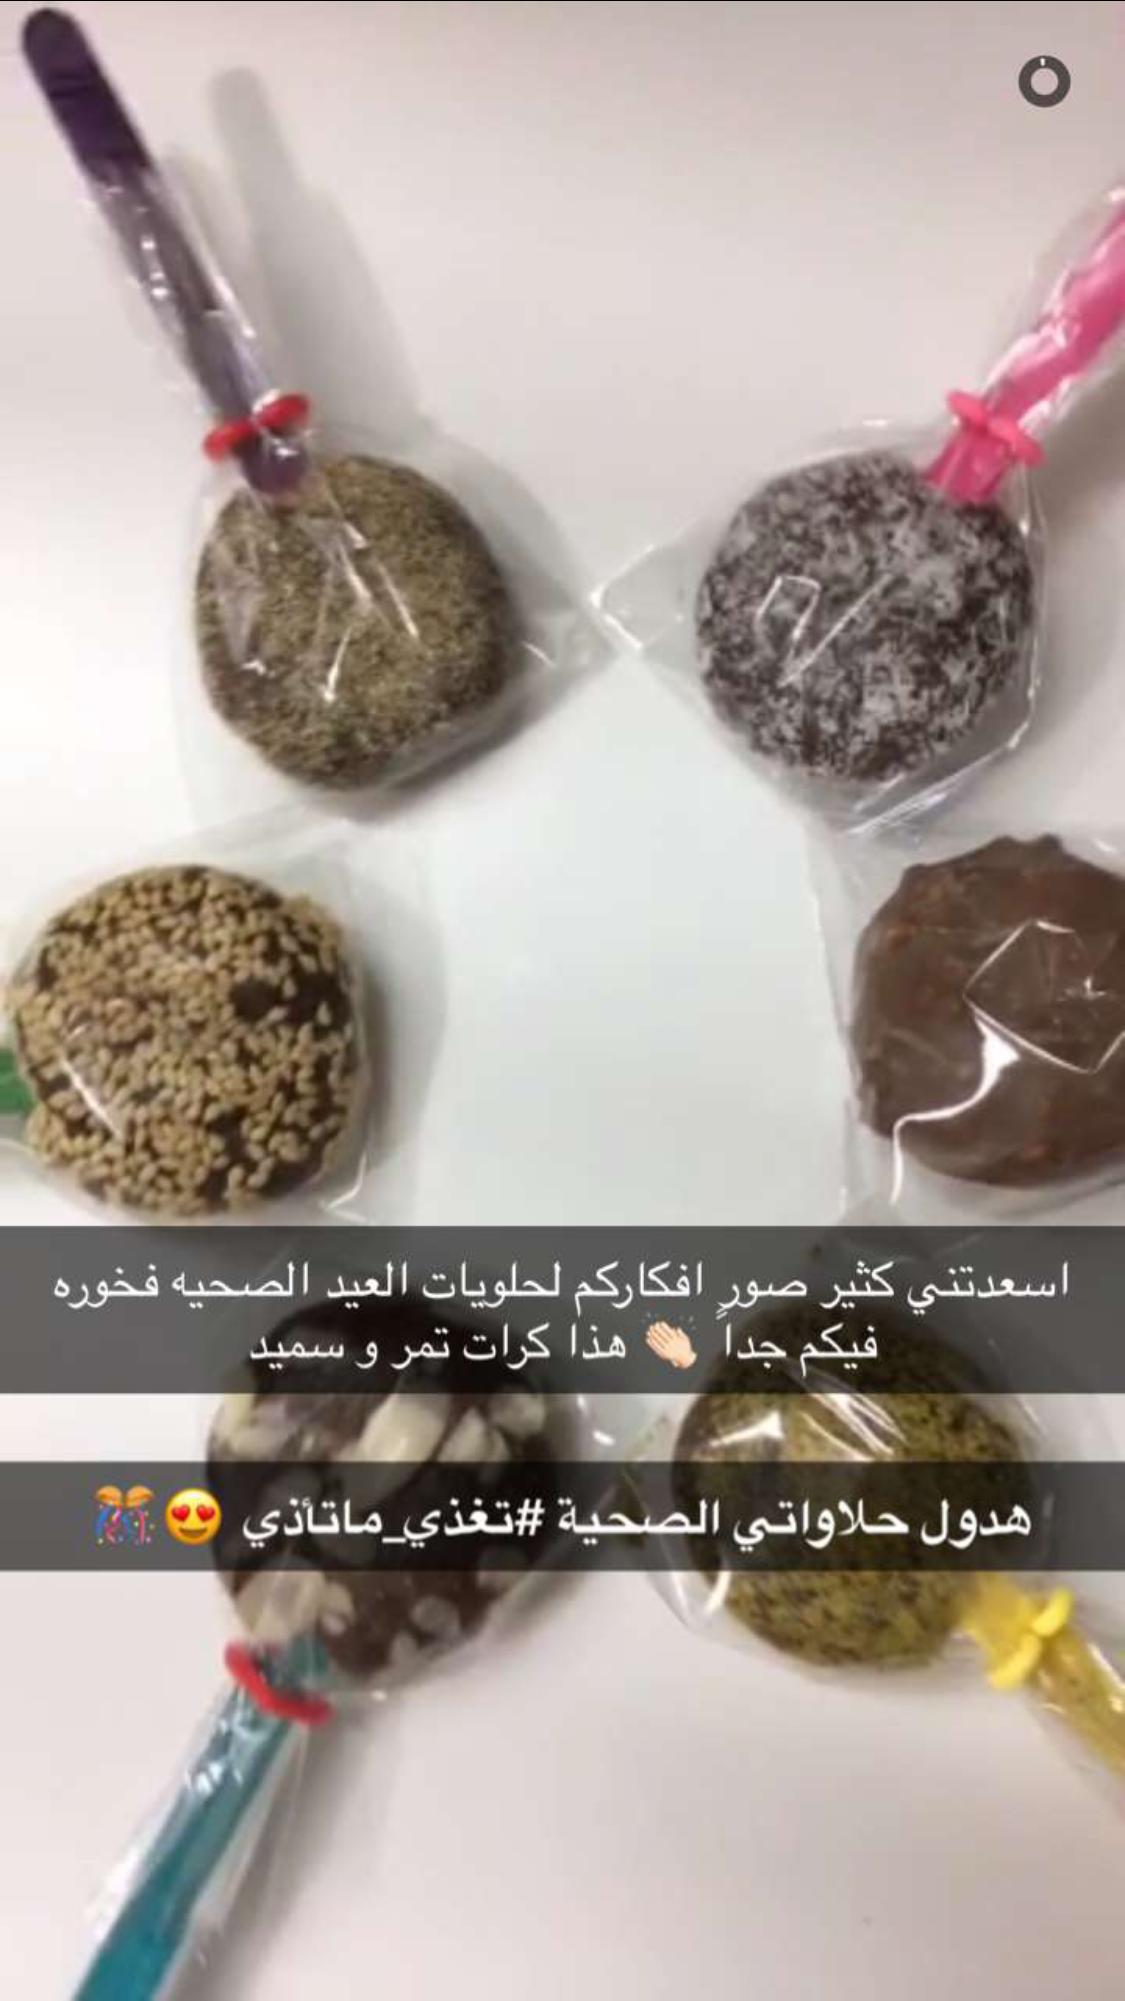 توزيعات صحية للاطفال Food Breakfast Cereal